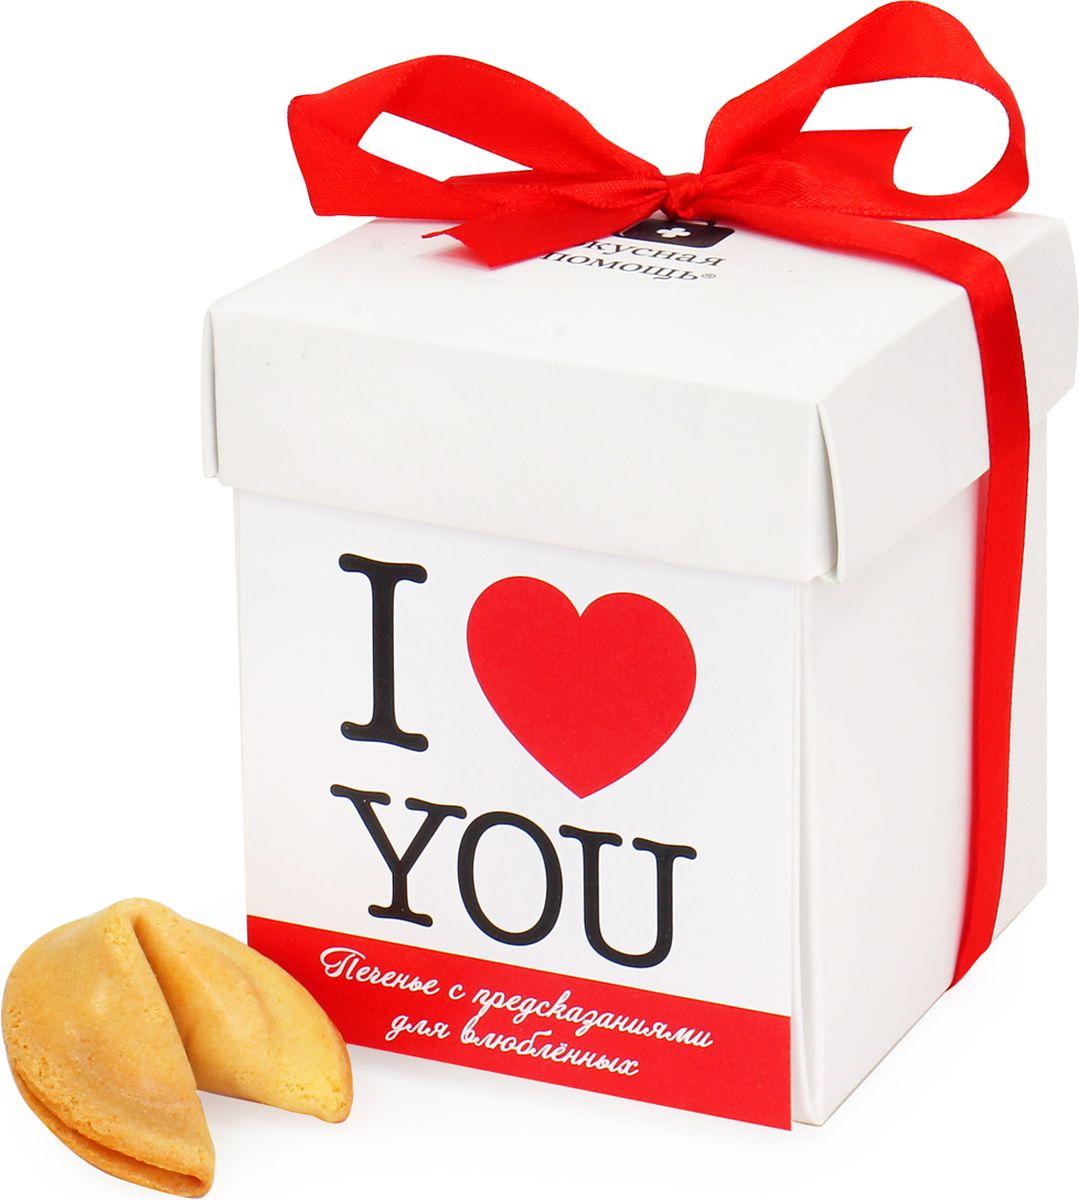 Волшебное печенье Вкусная помощь с предсказаниями Для влюбленных 7 шт4640000277819Волшебное печенье с предсказаниями Вкусная помощь Для влюбленных. Так приятно быть рядом с любимыми! Подарите своему возлюбленному коробочку китайских печений и время, проводимое вместе, станет еще романтичнее и веселее.В коробке 7 печений с предсказаниями – хватит на двоих! Предсказания наполнены восторженными любовными посланиями. С древних времен люди любят всяческие предсказания. Особенно приятно получать пророчества на любовную тематику! Влюбленных всегда интересует, что ждет в будущем.Печенья с предсказаниями это своеобразная игра – разламывать новую печеньку всегда волнительно: что же попадется на этот раз? Наши предсказания все хорошие, поэтому вы можете с радостным ликованием ожидать его исполнения.